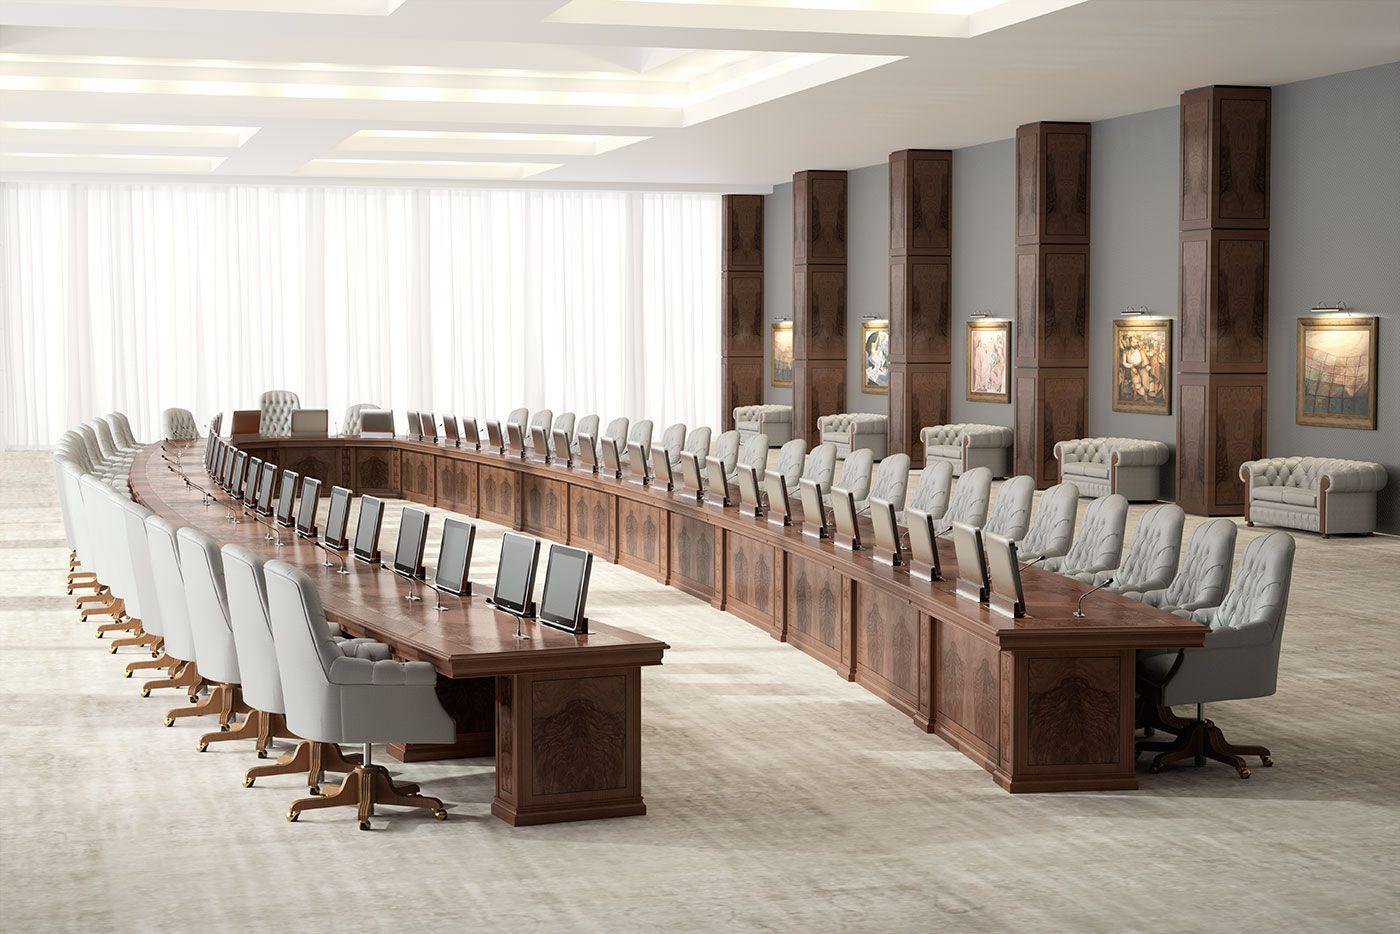 Proyectos A Medida De Muebles Cl Sicos Con Acabados En Madera  # Muebles Direccion